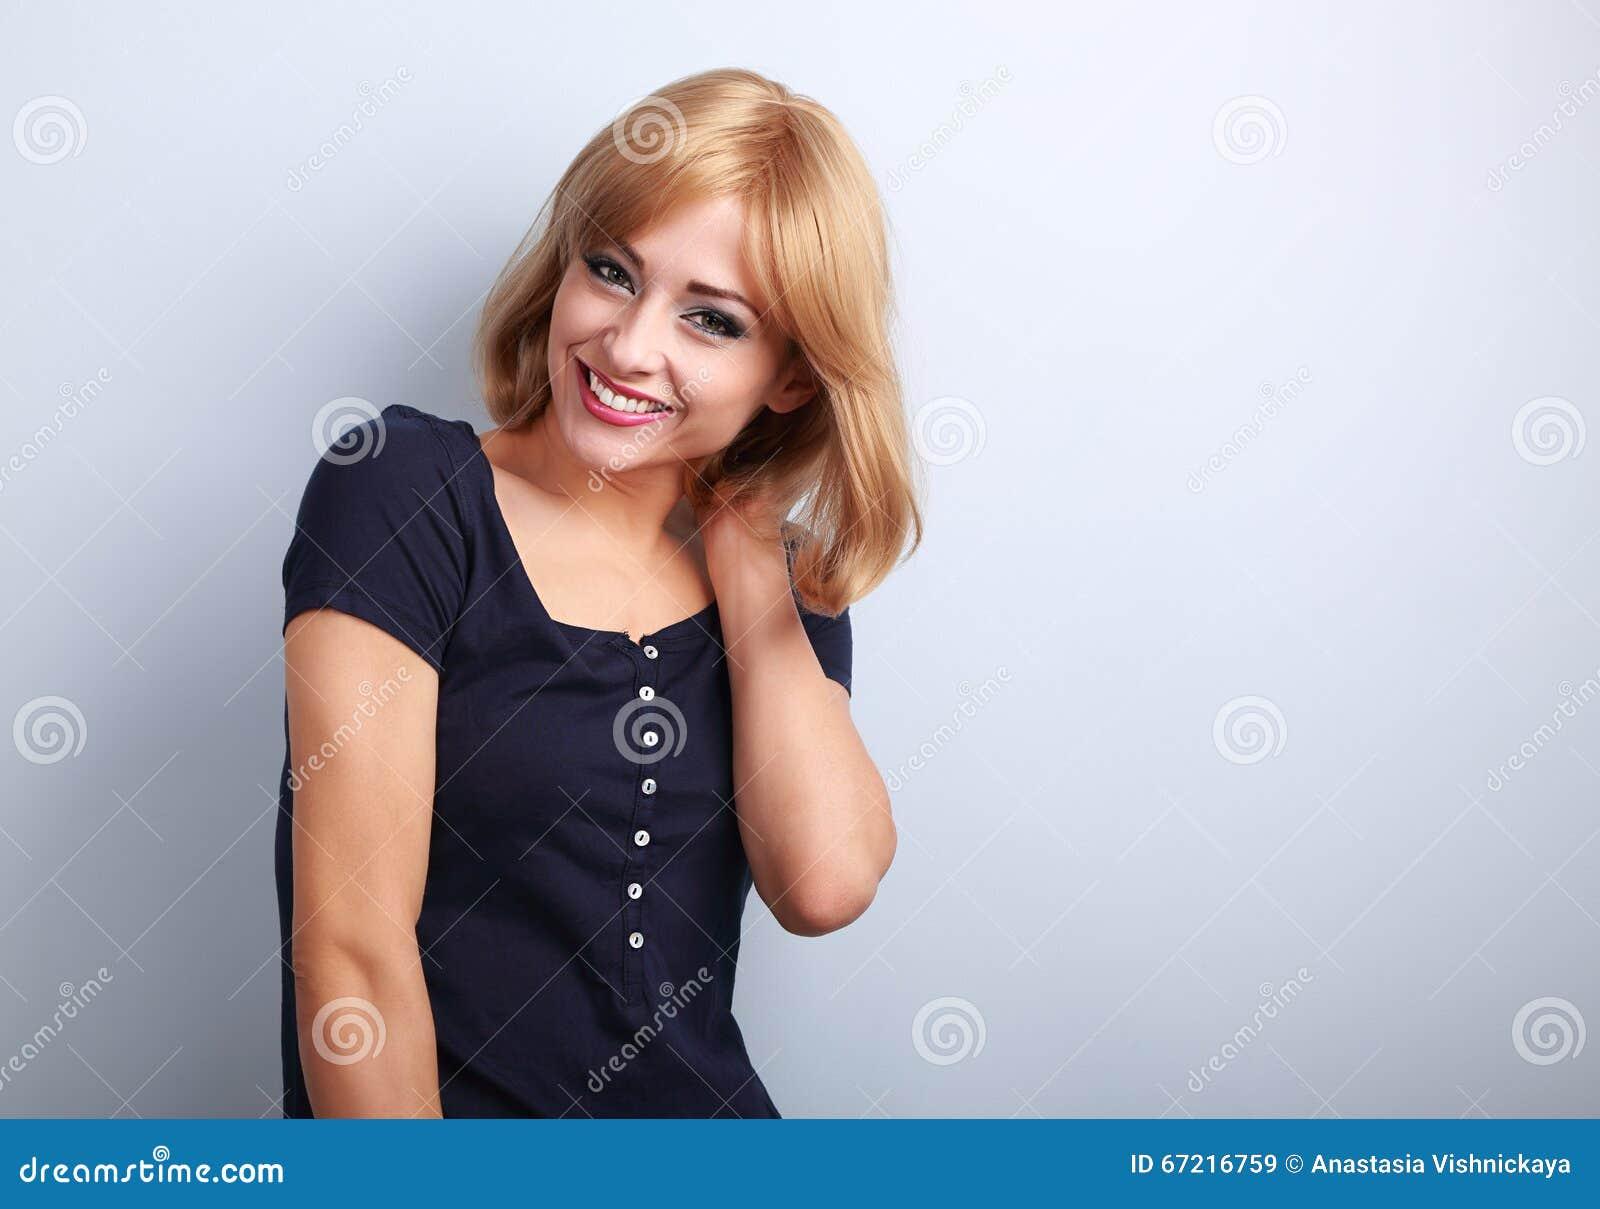 Lachen mit schöner blonder Frau der gesunden Zähne mit kurzem hai